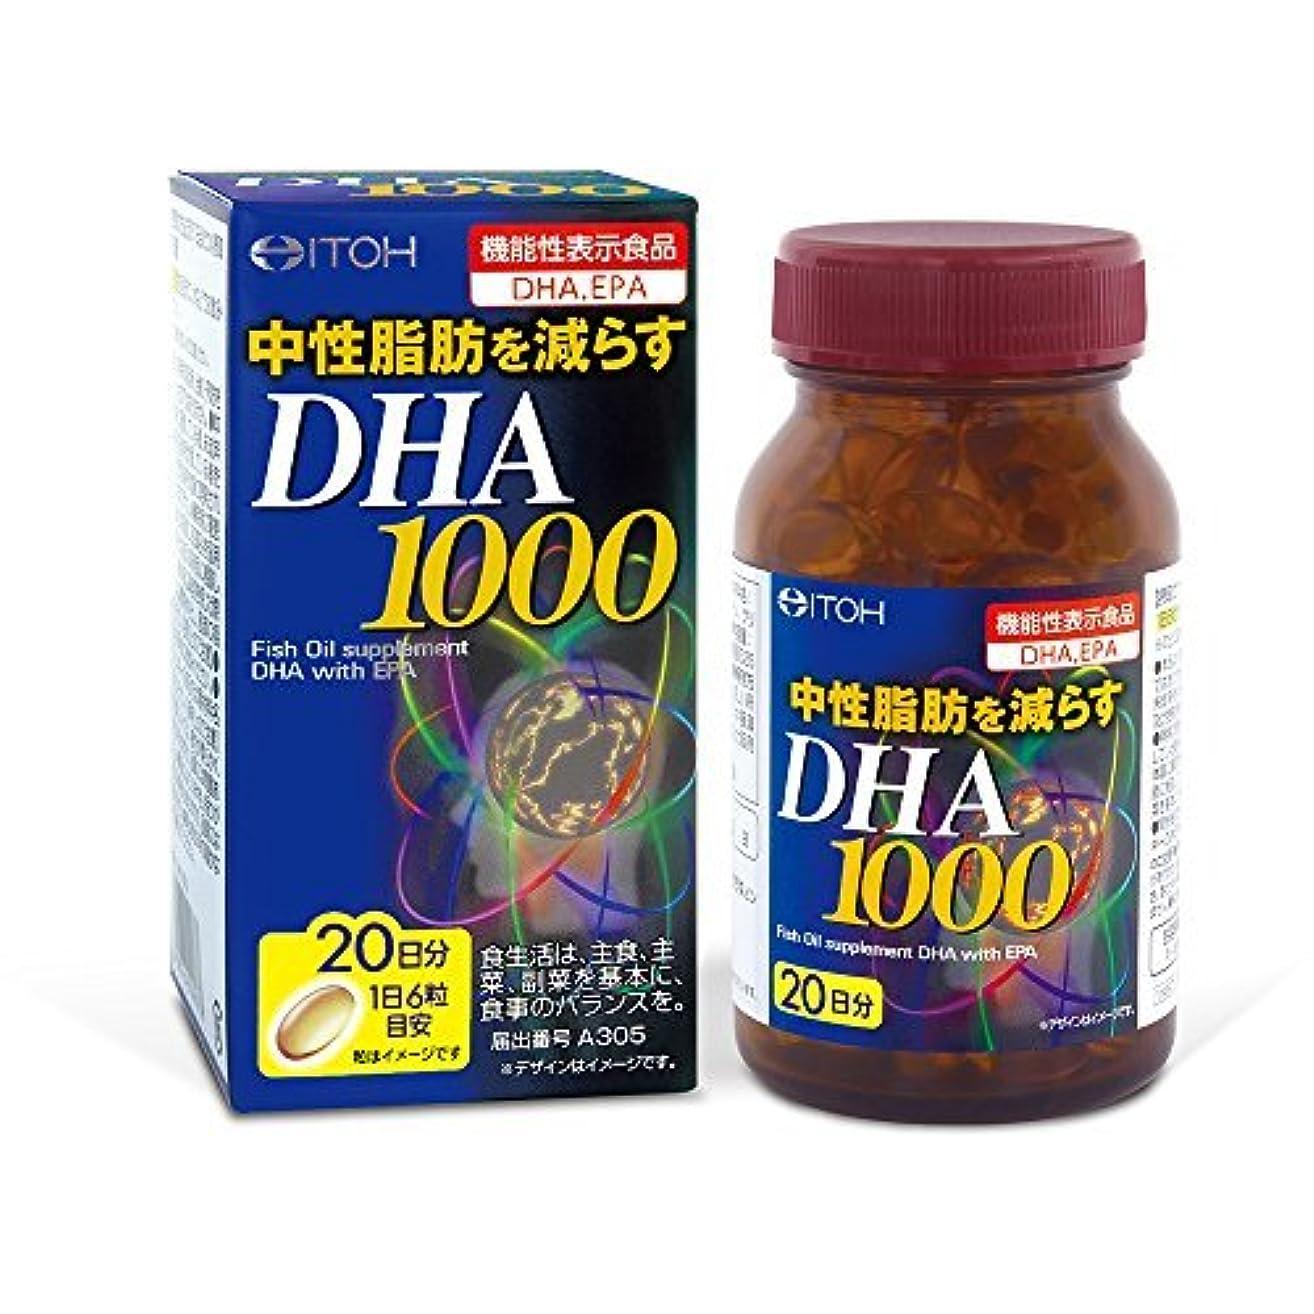 ローマ人最初は私たち自身井藤漢方製薬 DHA1000 約20日分 120粒 Japan